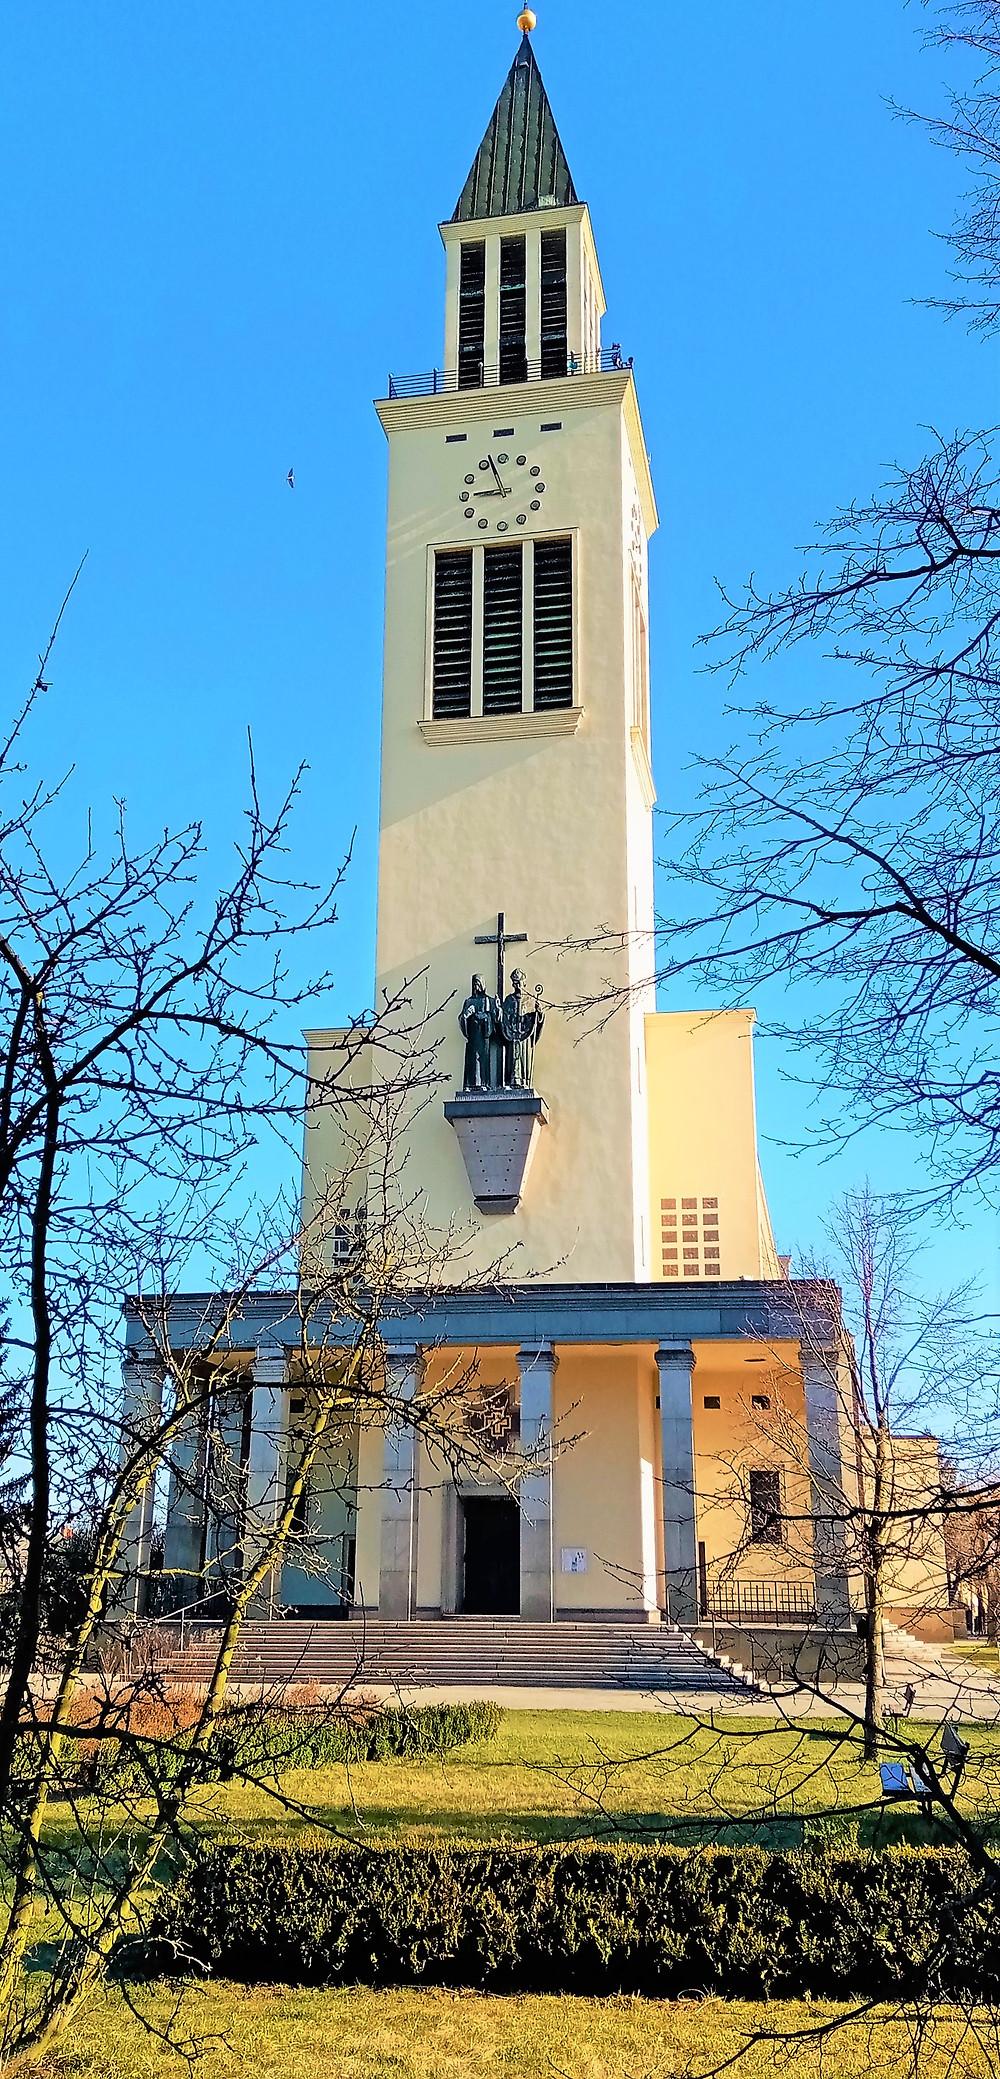 Kostel svatých Cyrila a Metoděje v olomoucké části Řepčín je do daleka viditelný kvůli své 65 metrů vysoké věži